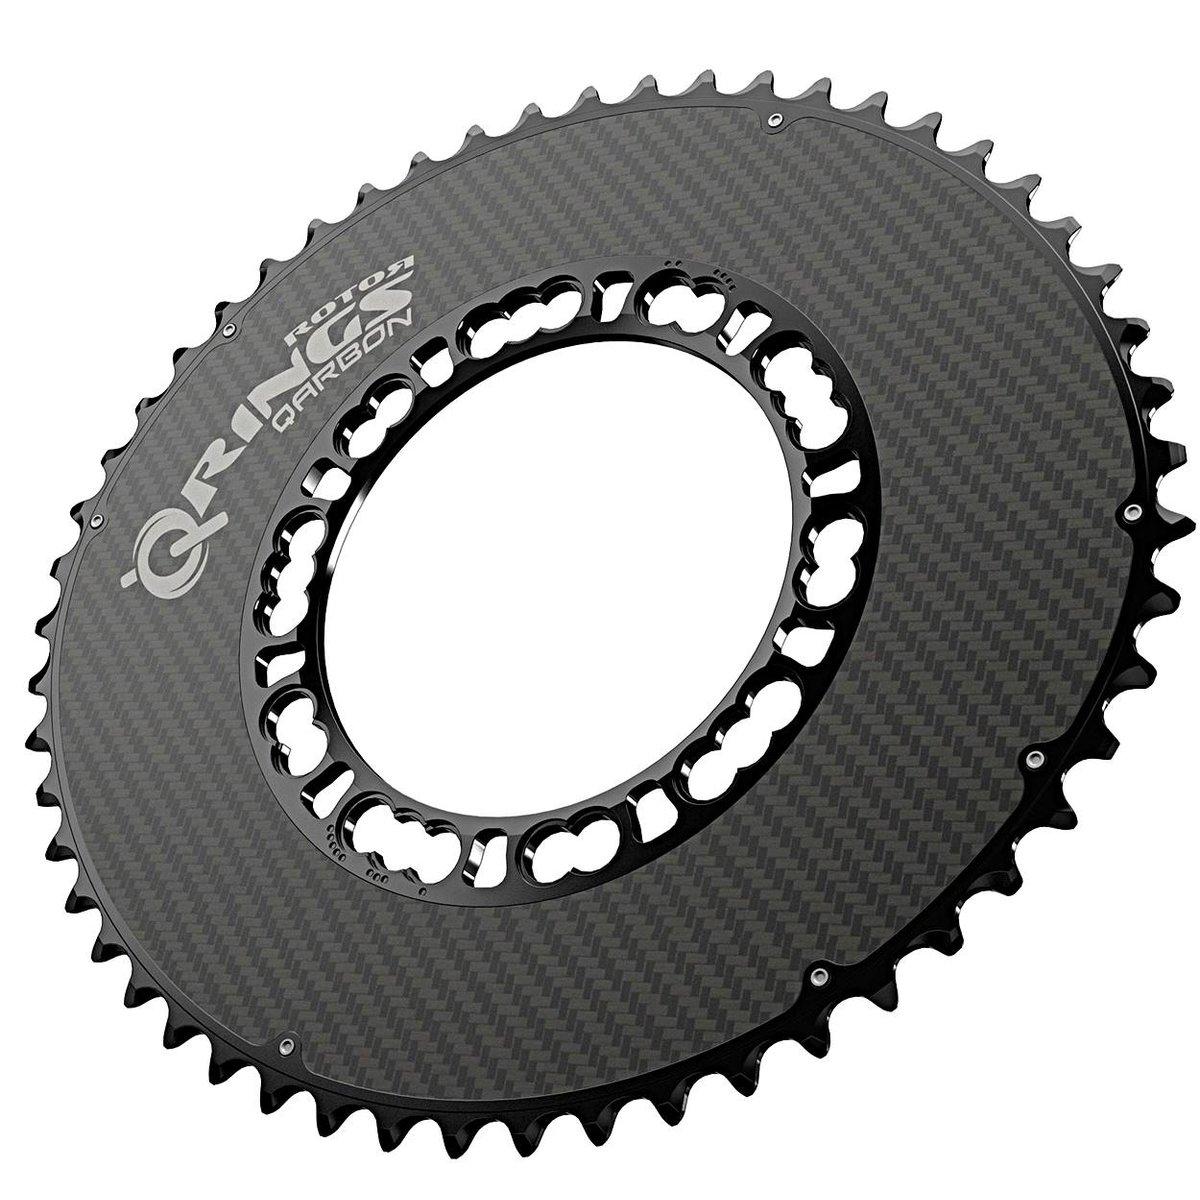 Rotor Q Ring Aero Carbon Superlight Bikeparts